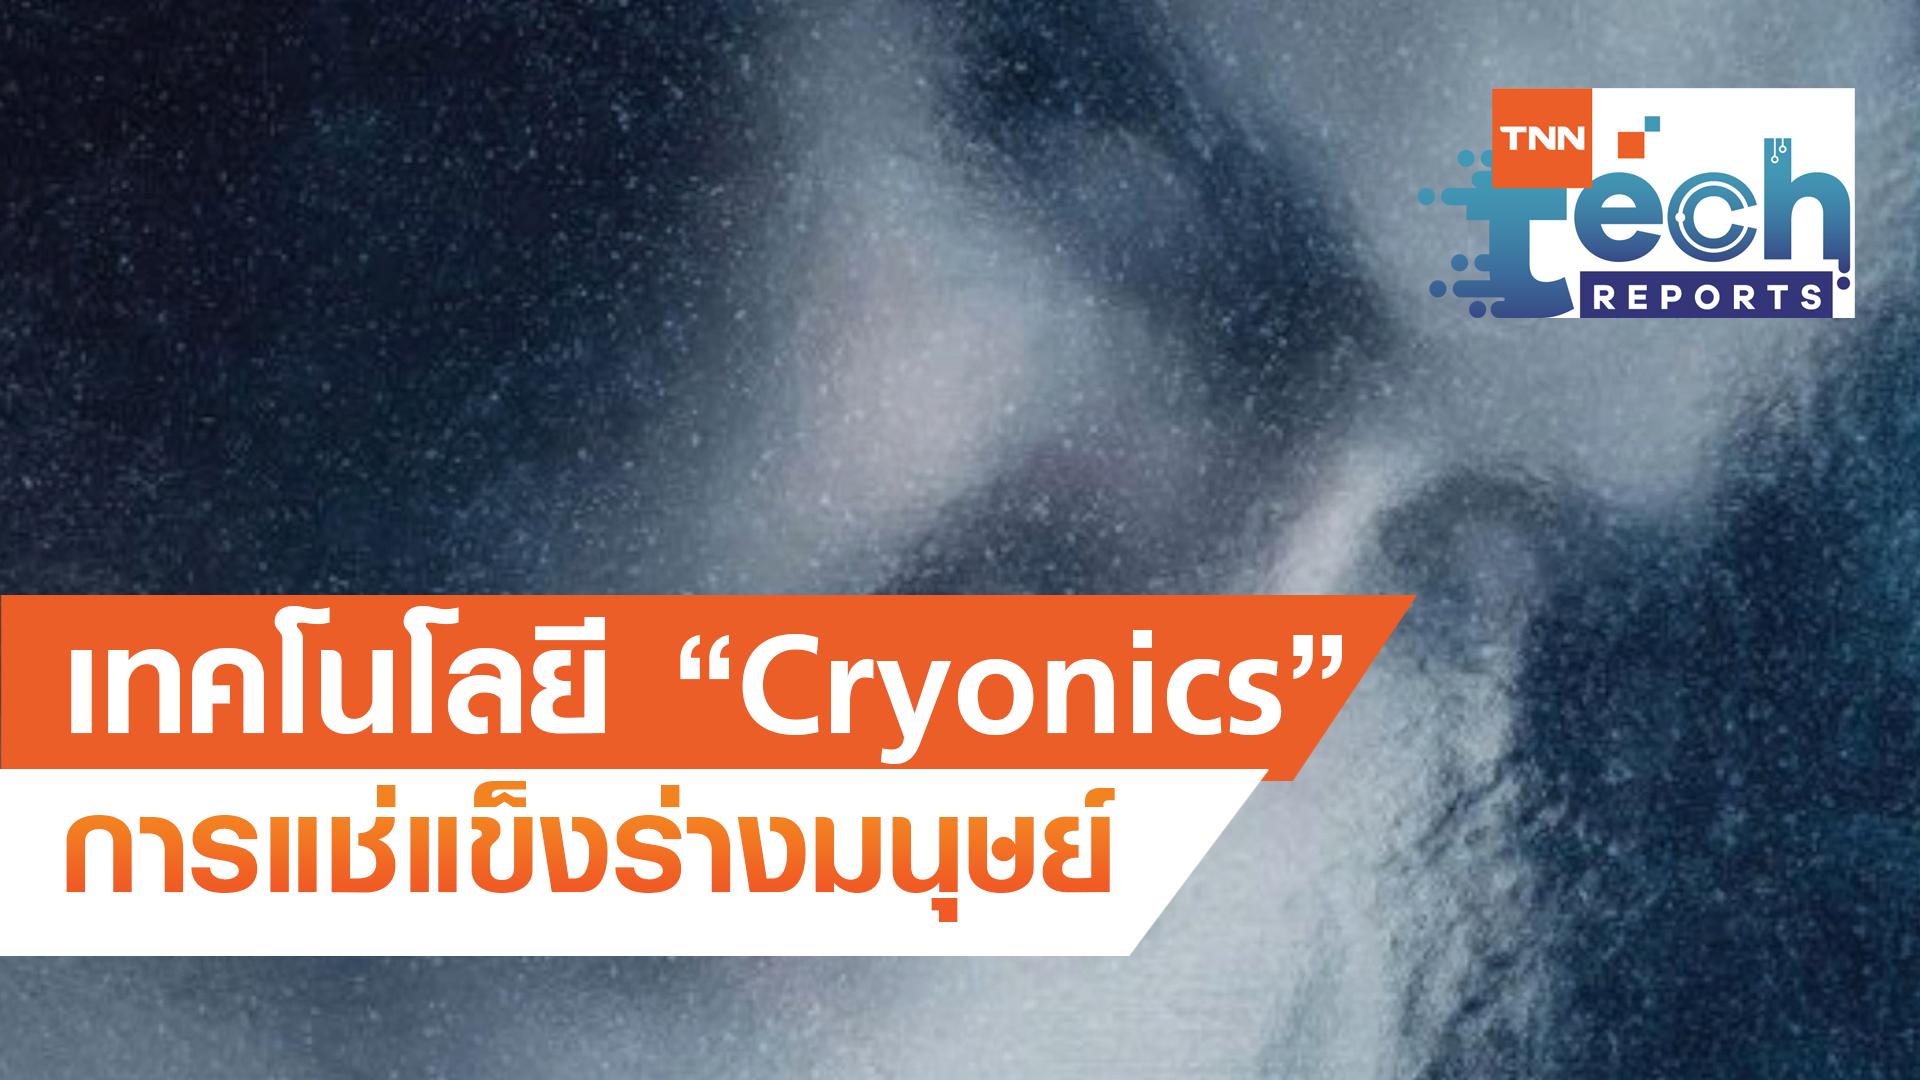 เทคโนโลยี Cryonics การแช่แข็งร่างมนุษย์   TNN Tech Reports EP 5   08 ต.ค. 63